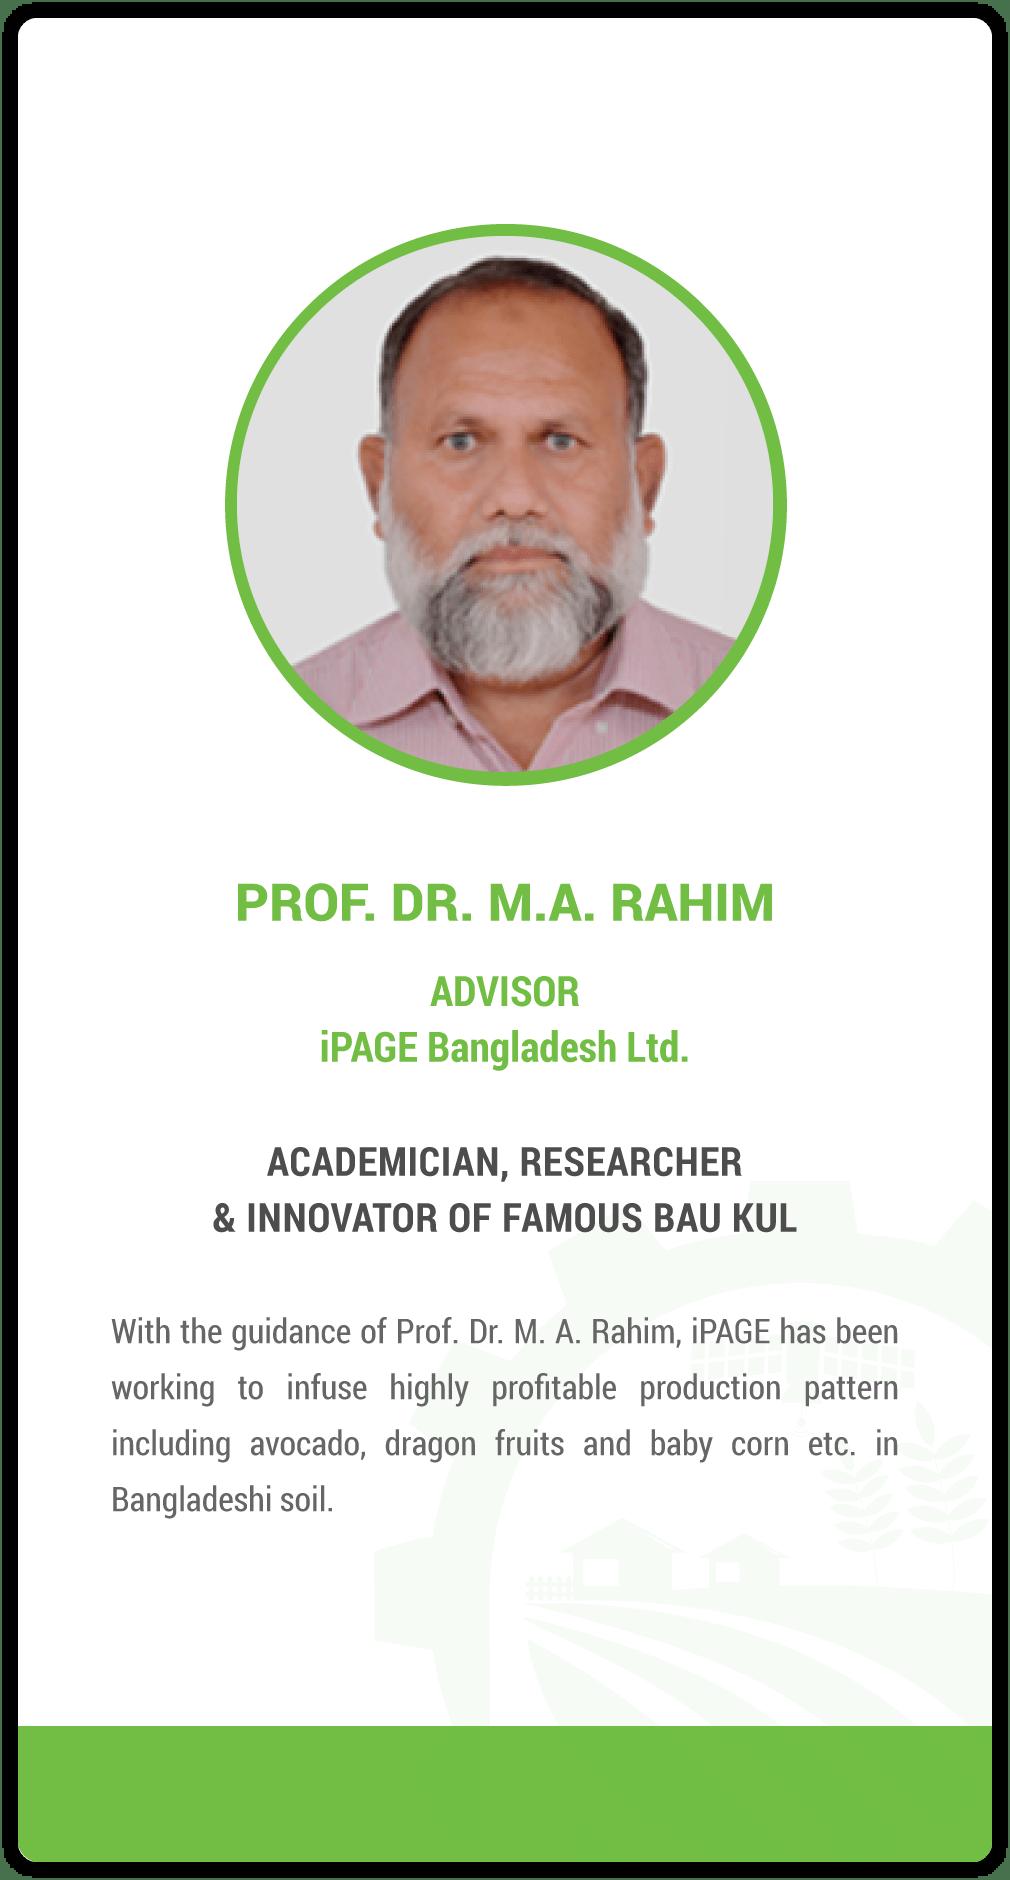 M.A. Rahim